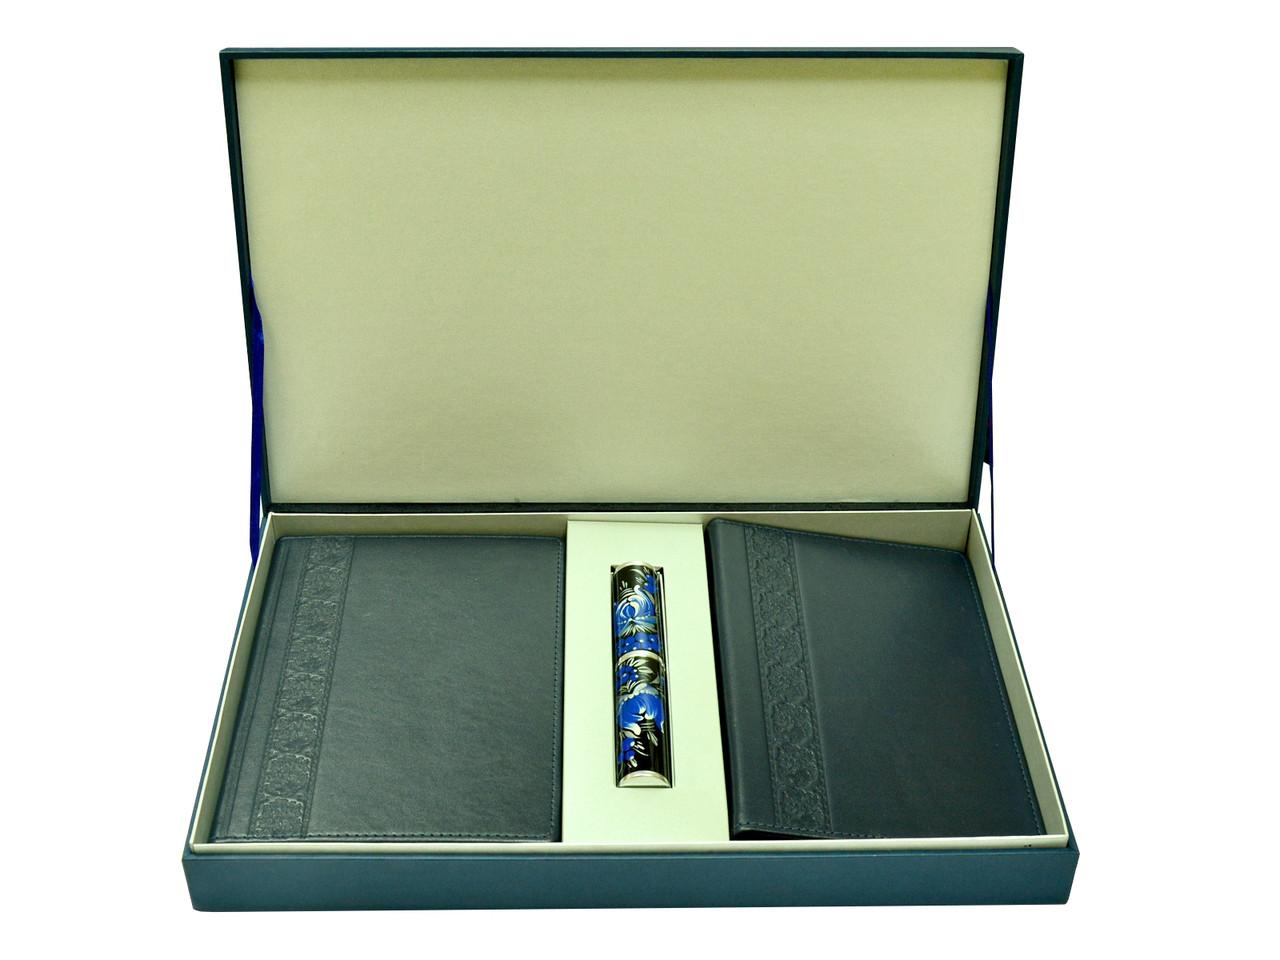 """Подарочный набор аксессуаров """"Бизнес"""": ежедневник кожаный, визитница настольная кожаная и ручка в футляре"""